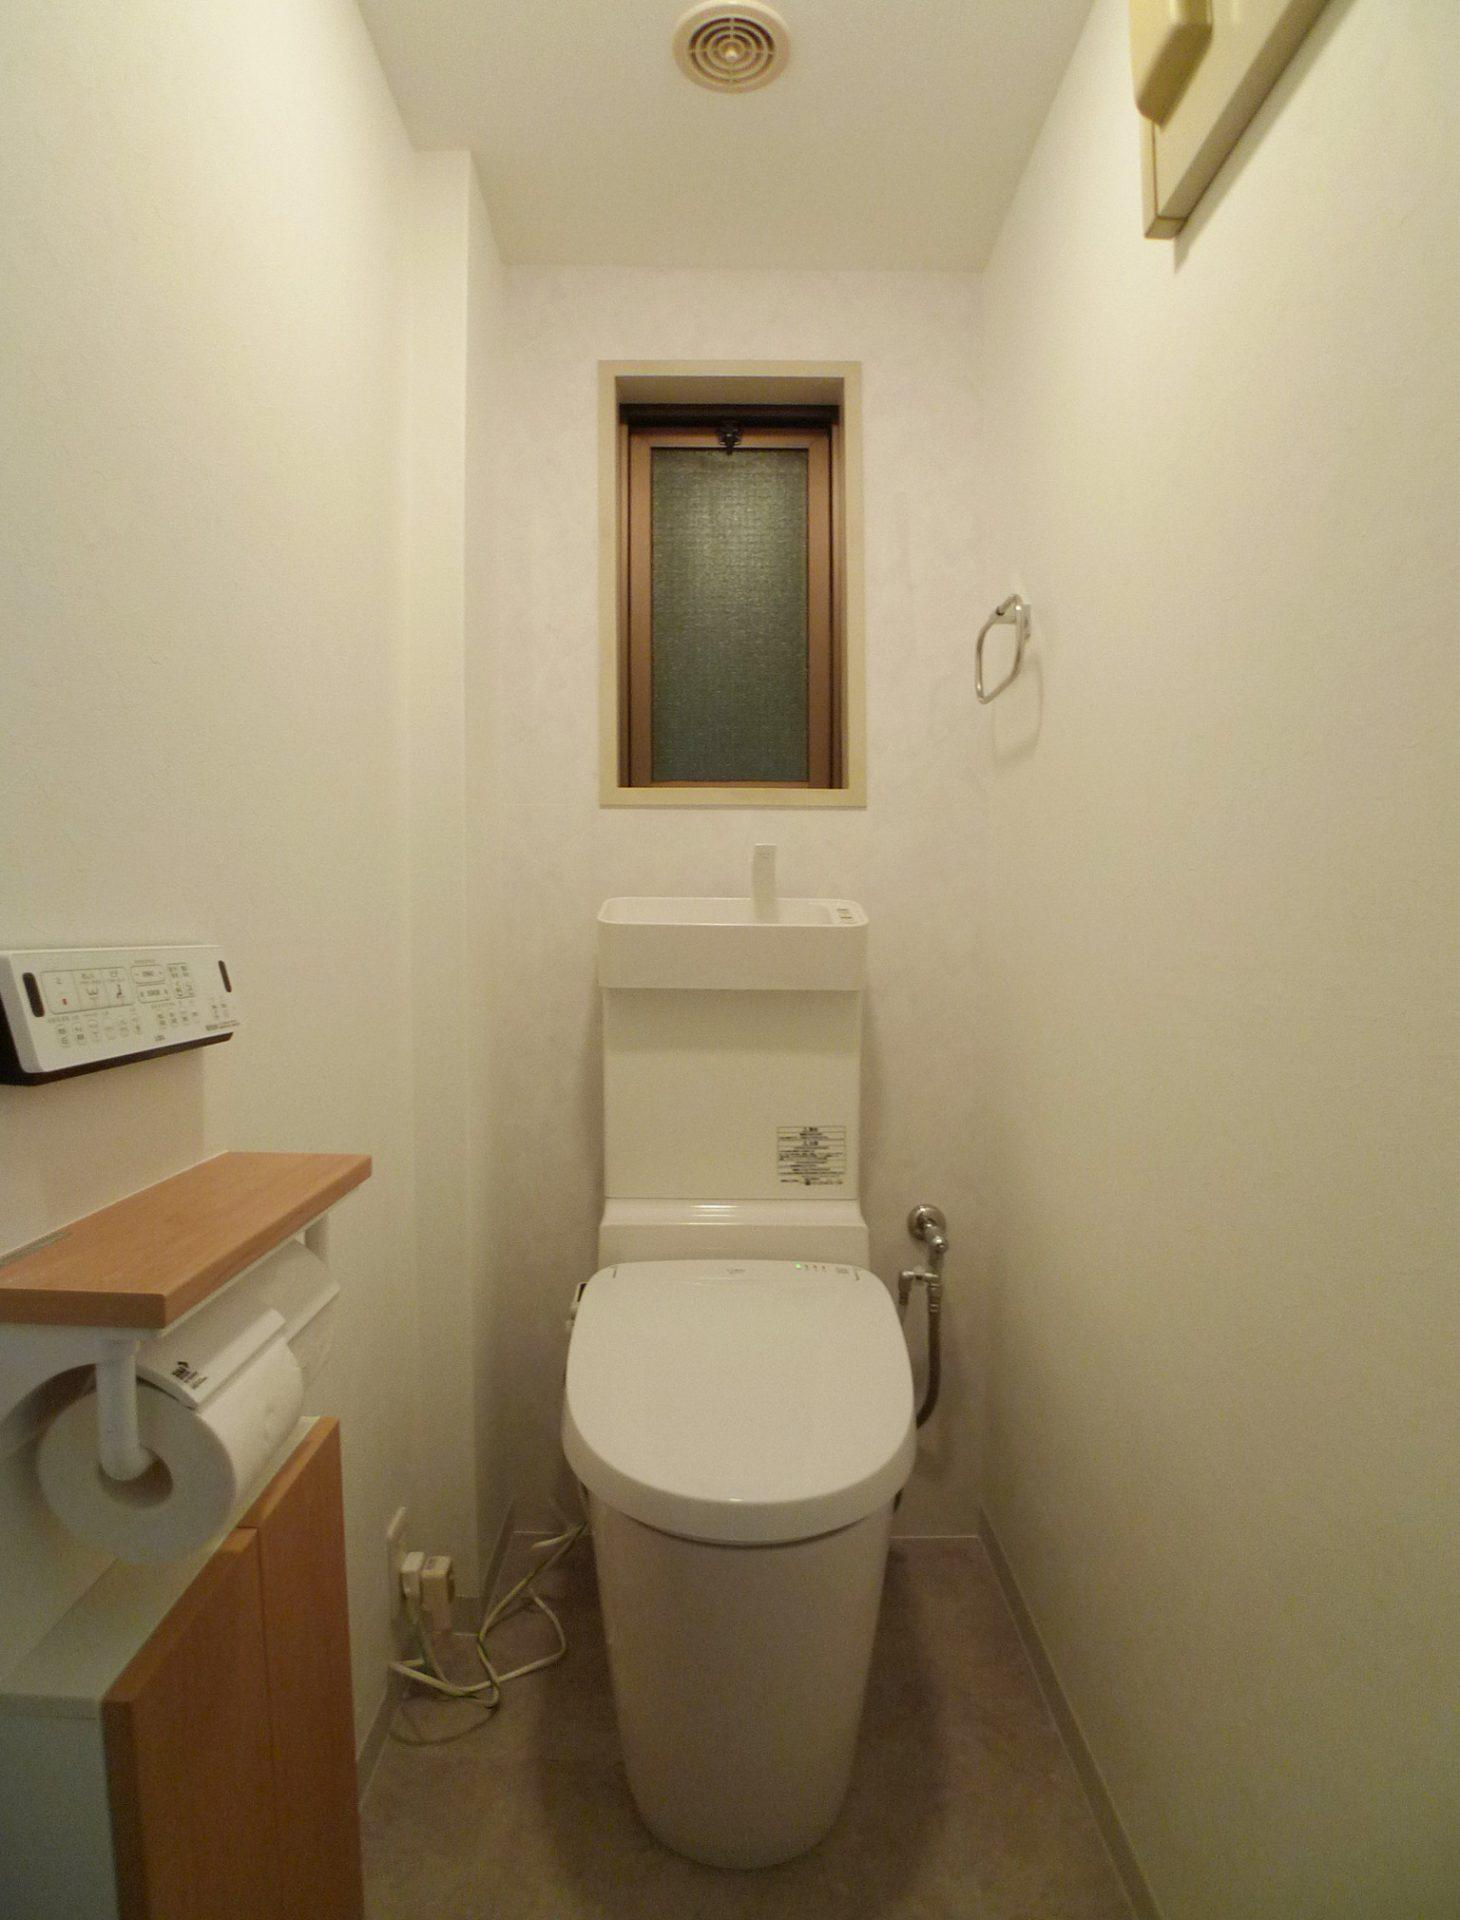 Afterトイレ   トイレ本体はPanasonic NEWアラウーノ、便座はLIXILのNew Passo